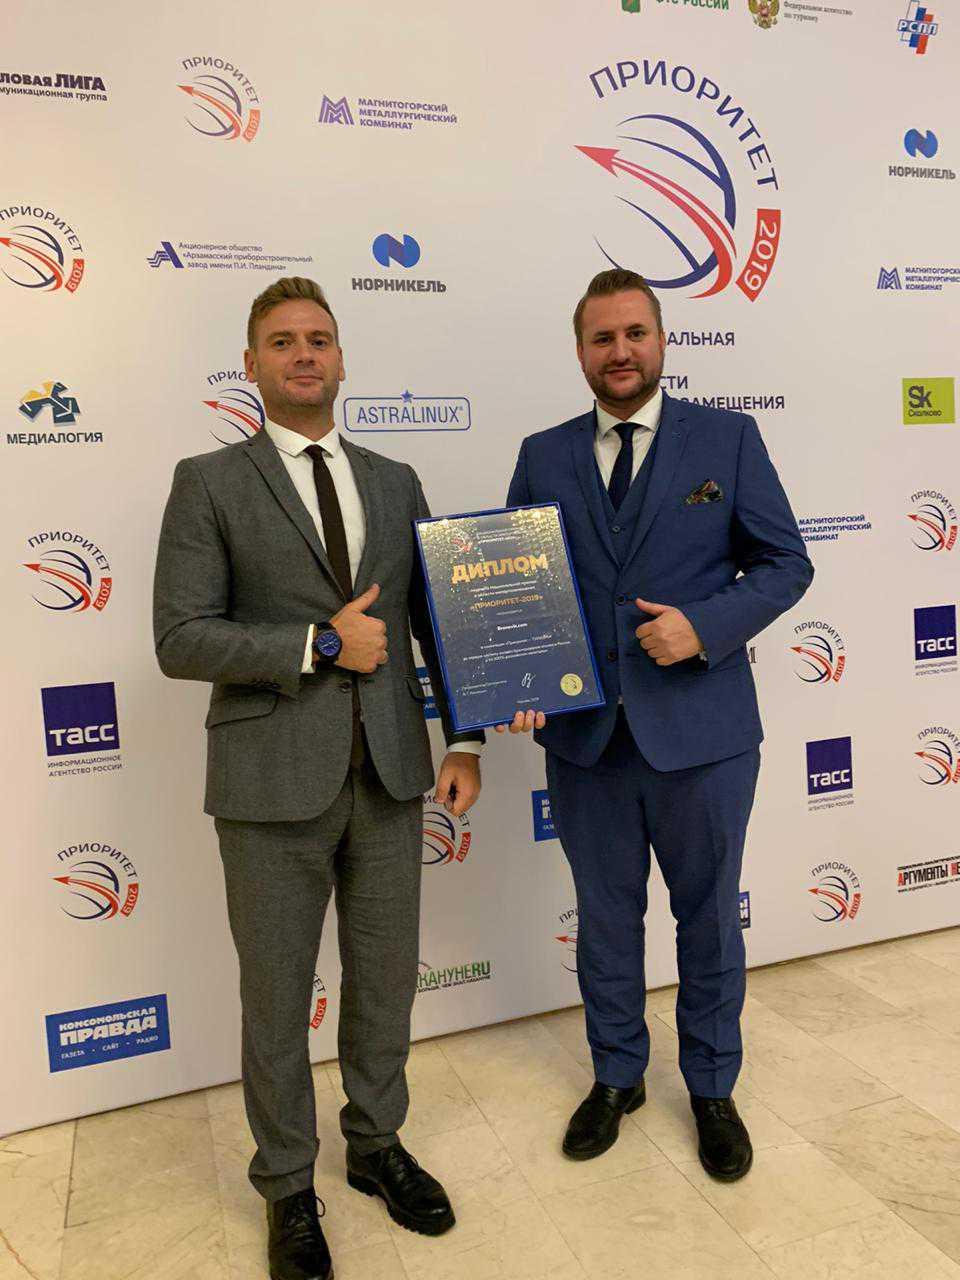 Bronevik.com получил Премию в области импортозамещения